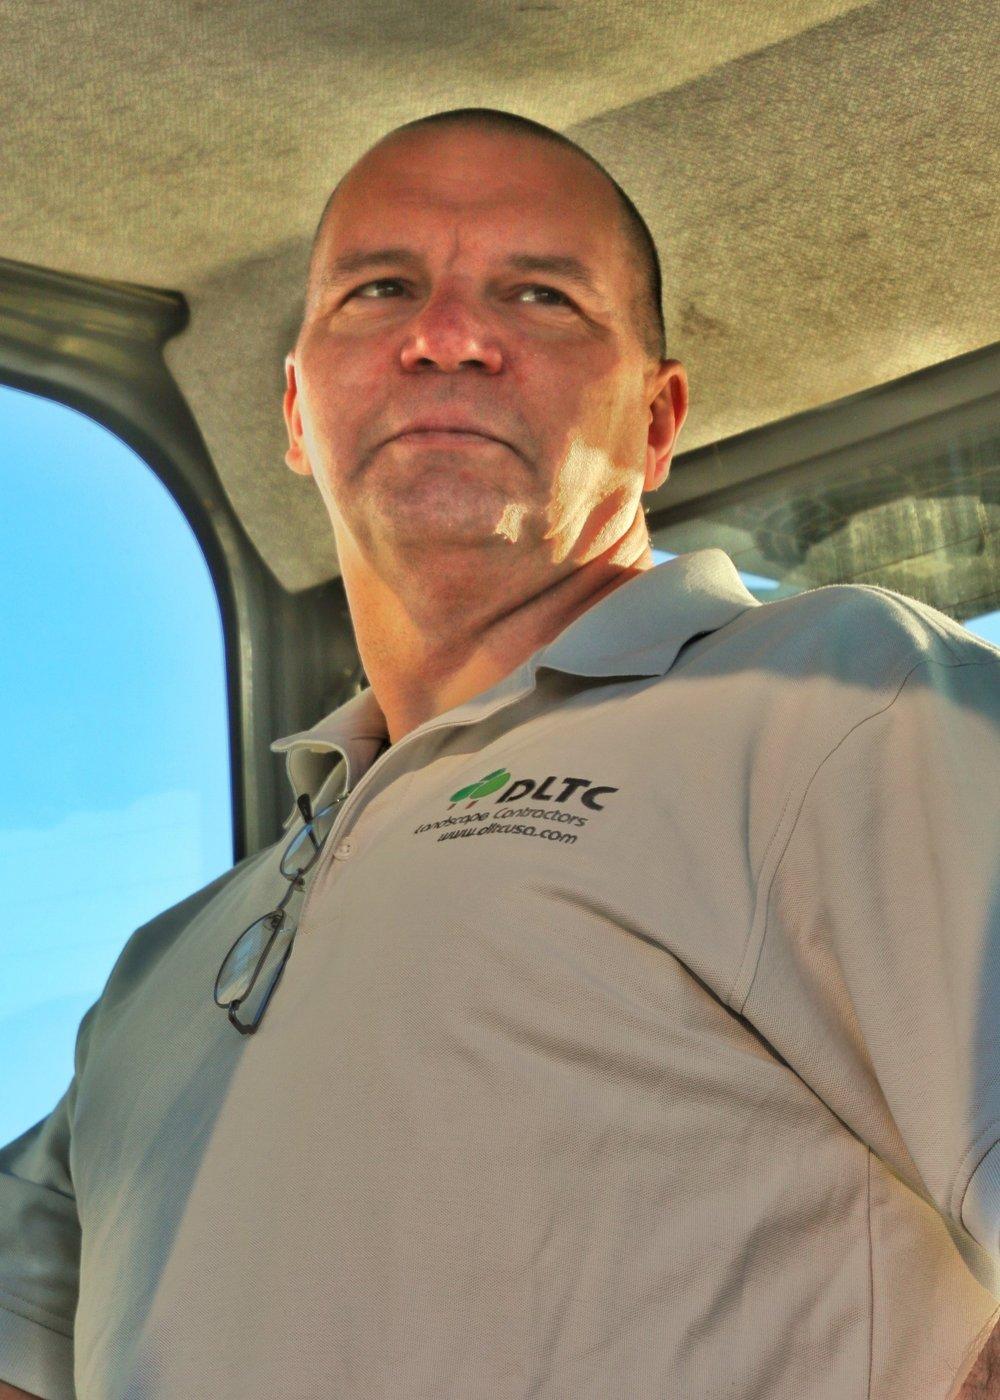 Dave Rosa, Vice President